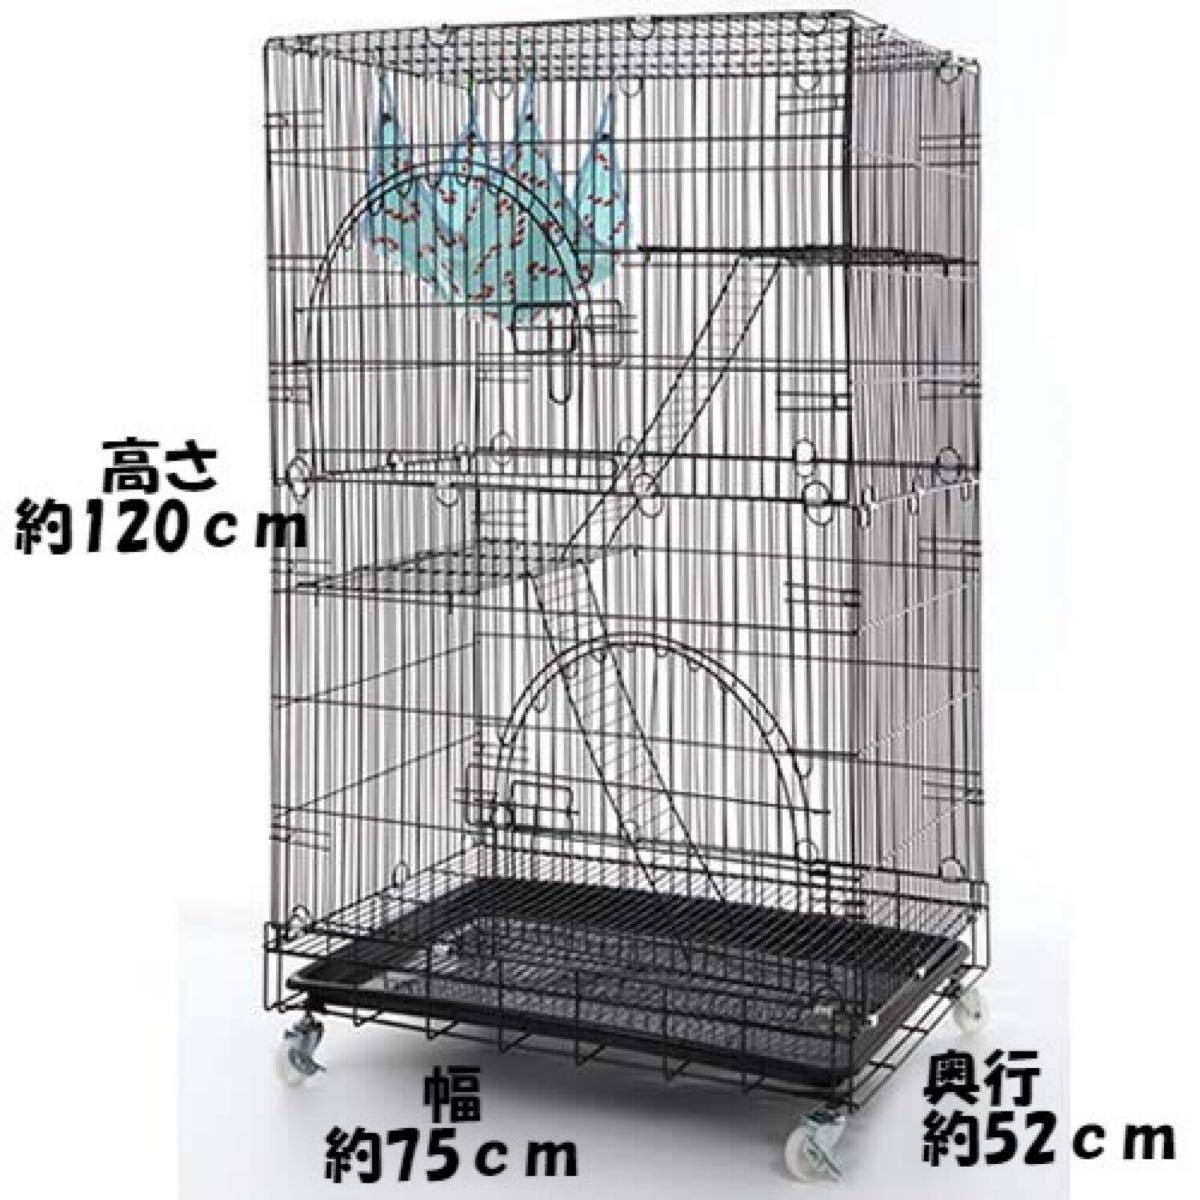 キャットケージ 猫ケージ ペットケージ 大型 2段3段 折りたたみ式 ブラック